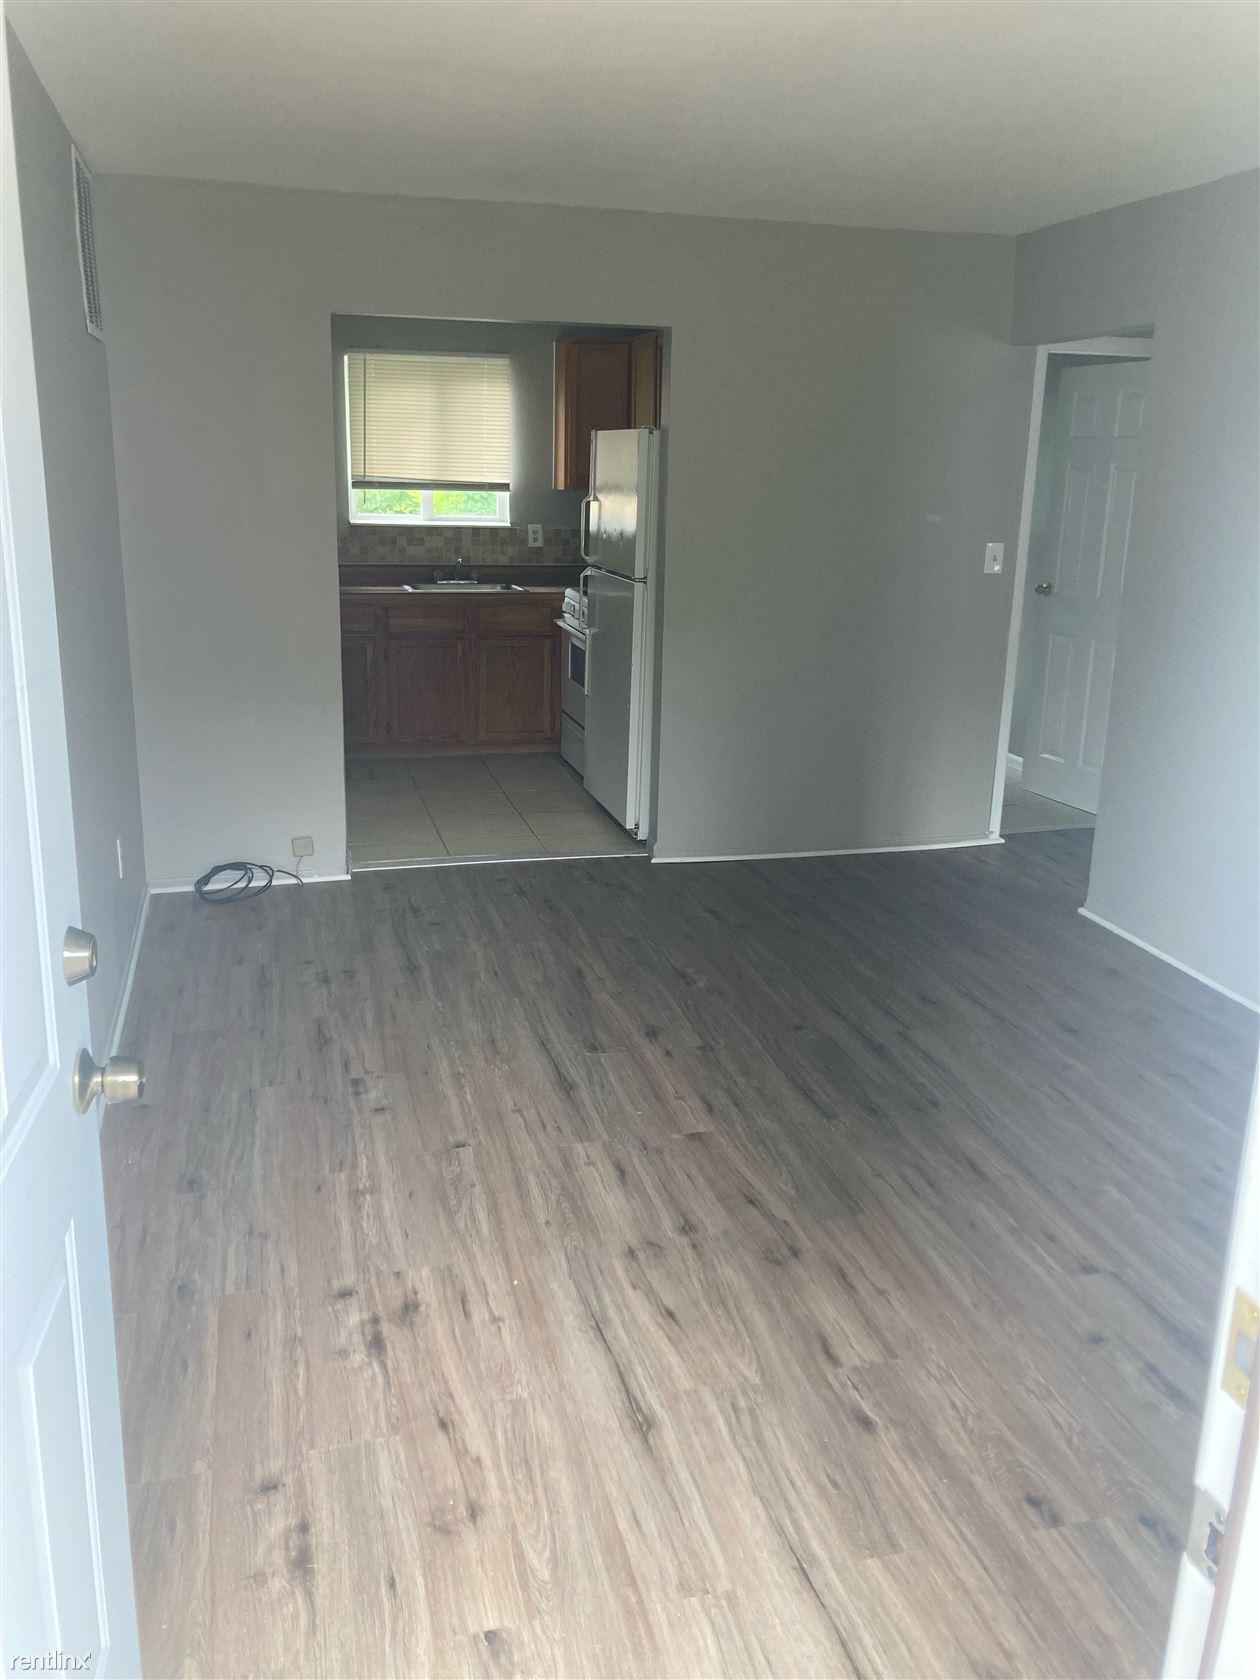 46411 Jefferson Avenue, New Baltimore, MI - 795 USD/ month